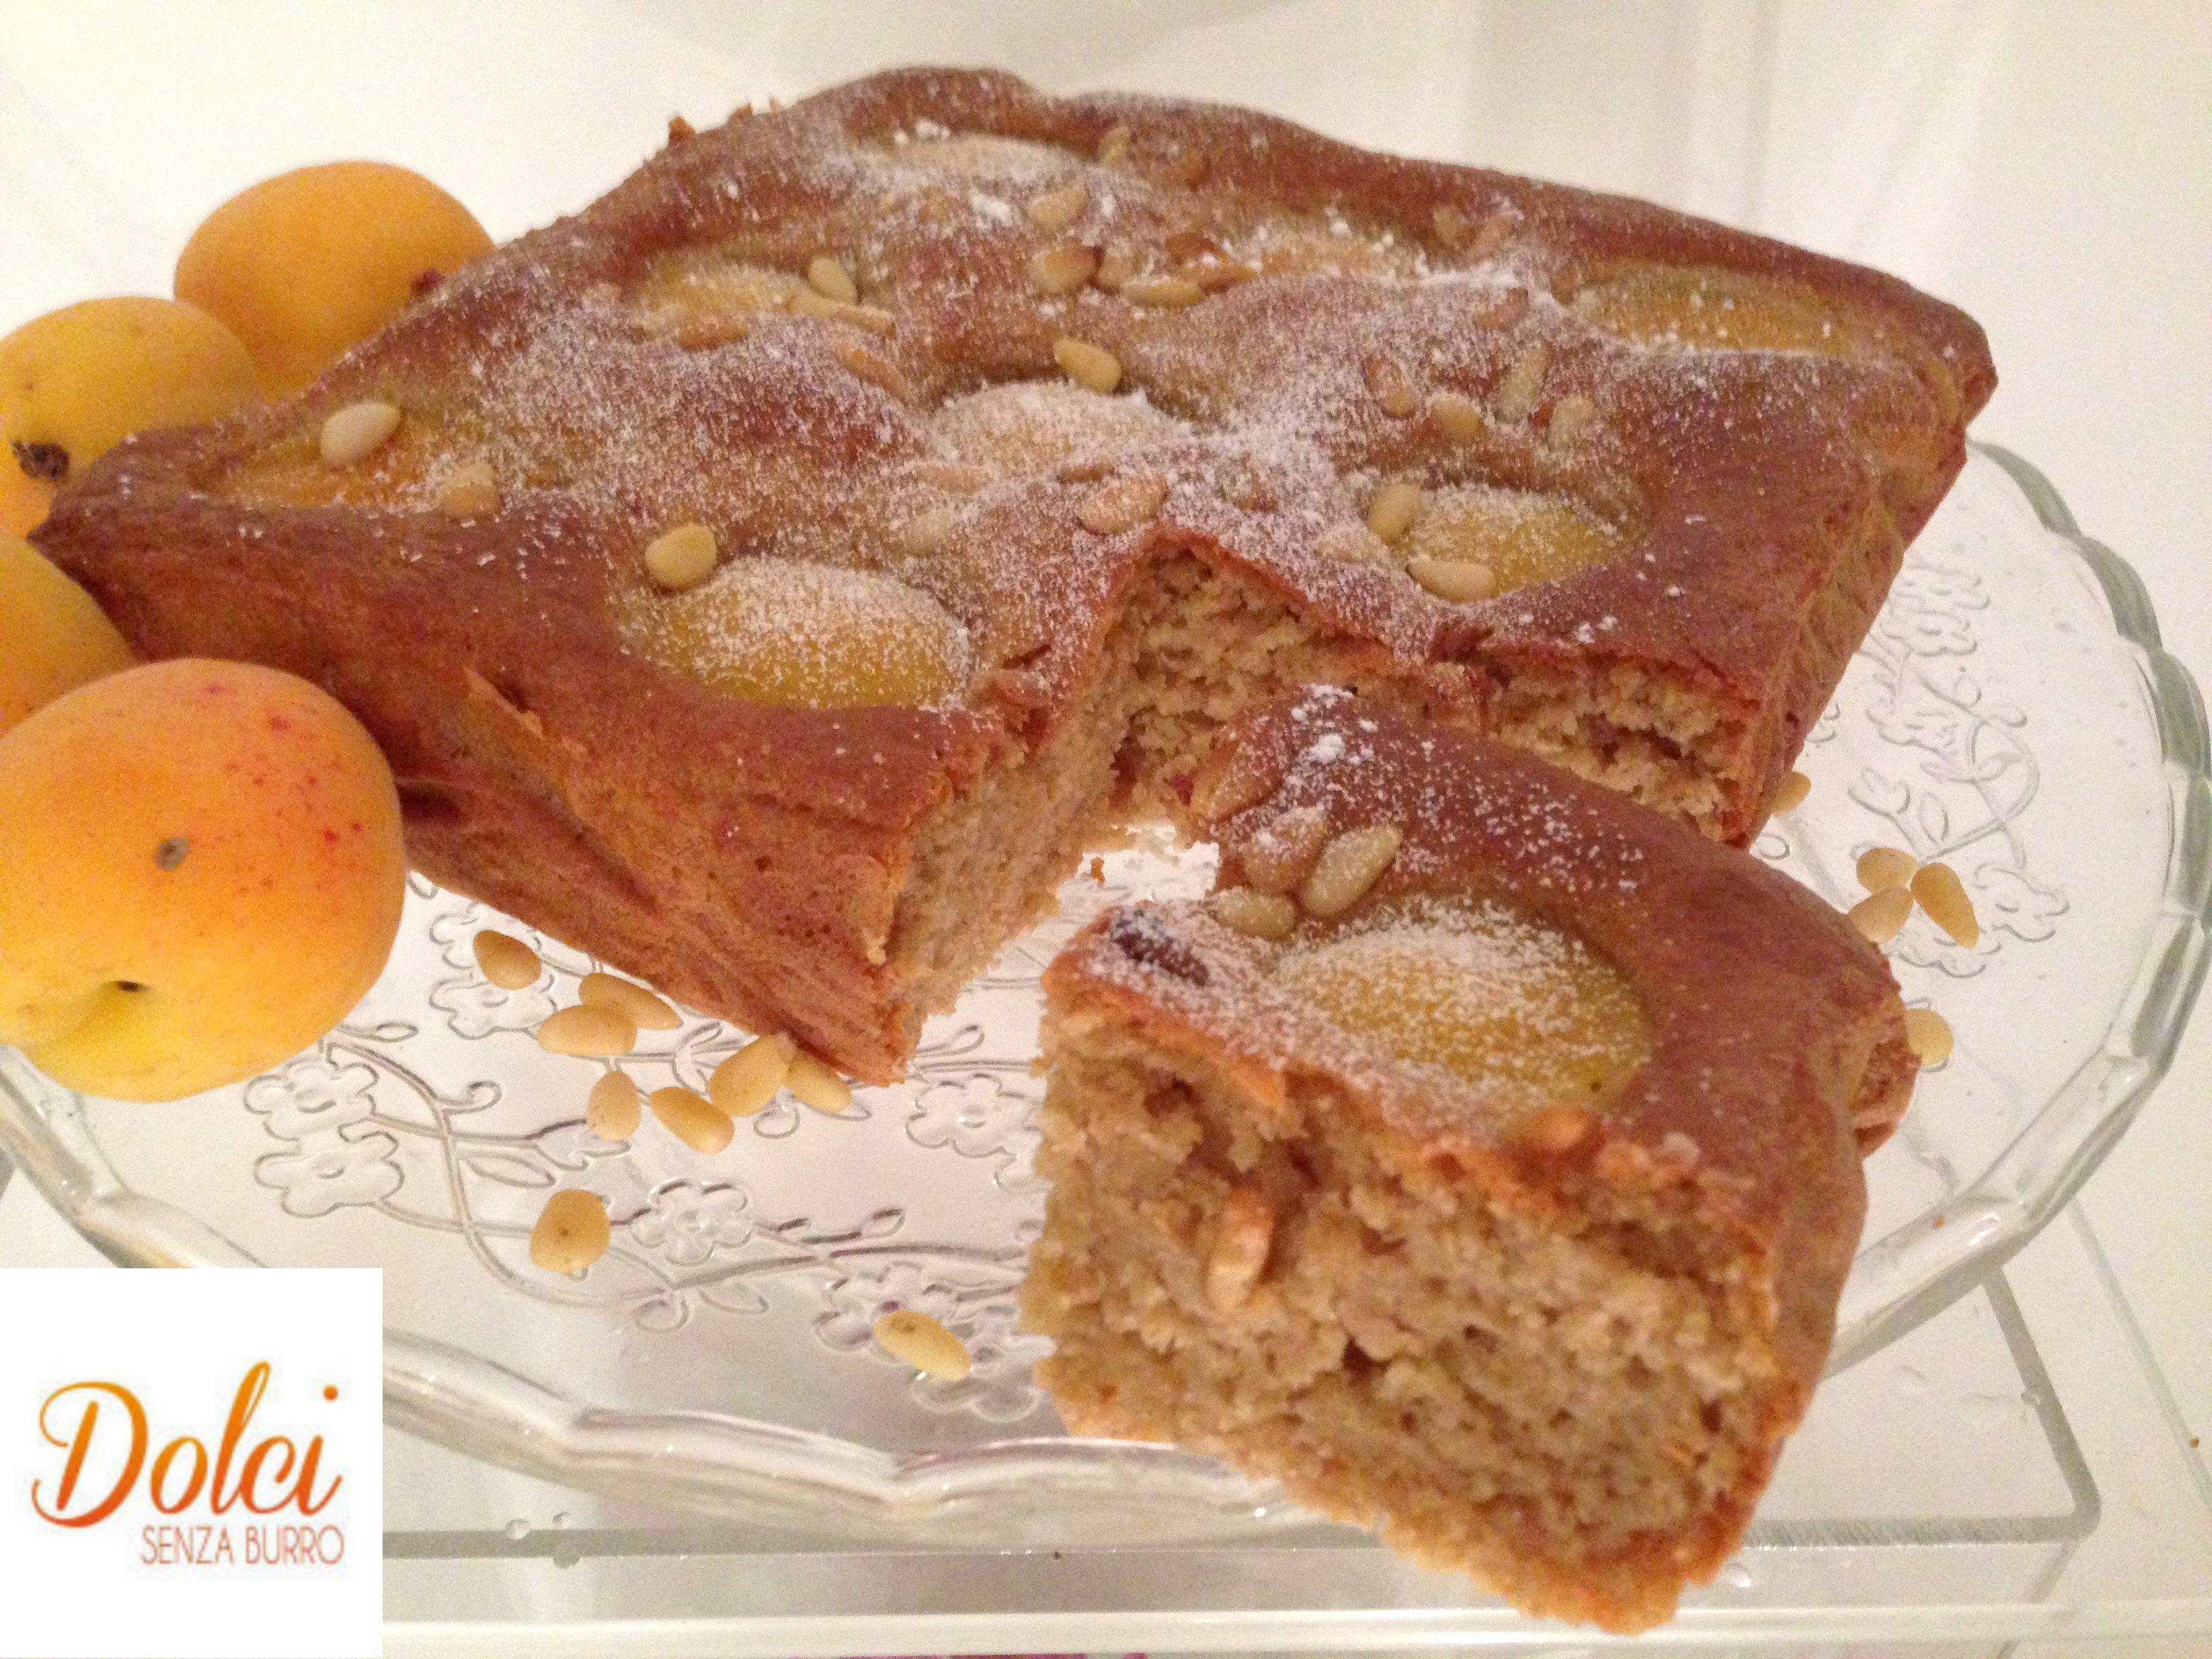 La Torta di Albicocche e Kamut Senza Burro, il dolce senza lattosio di dolci senza burro